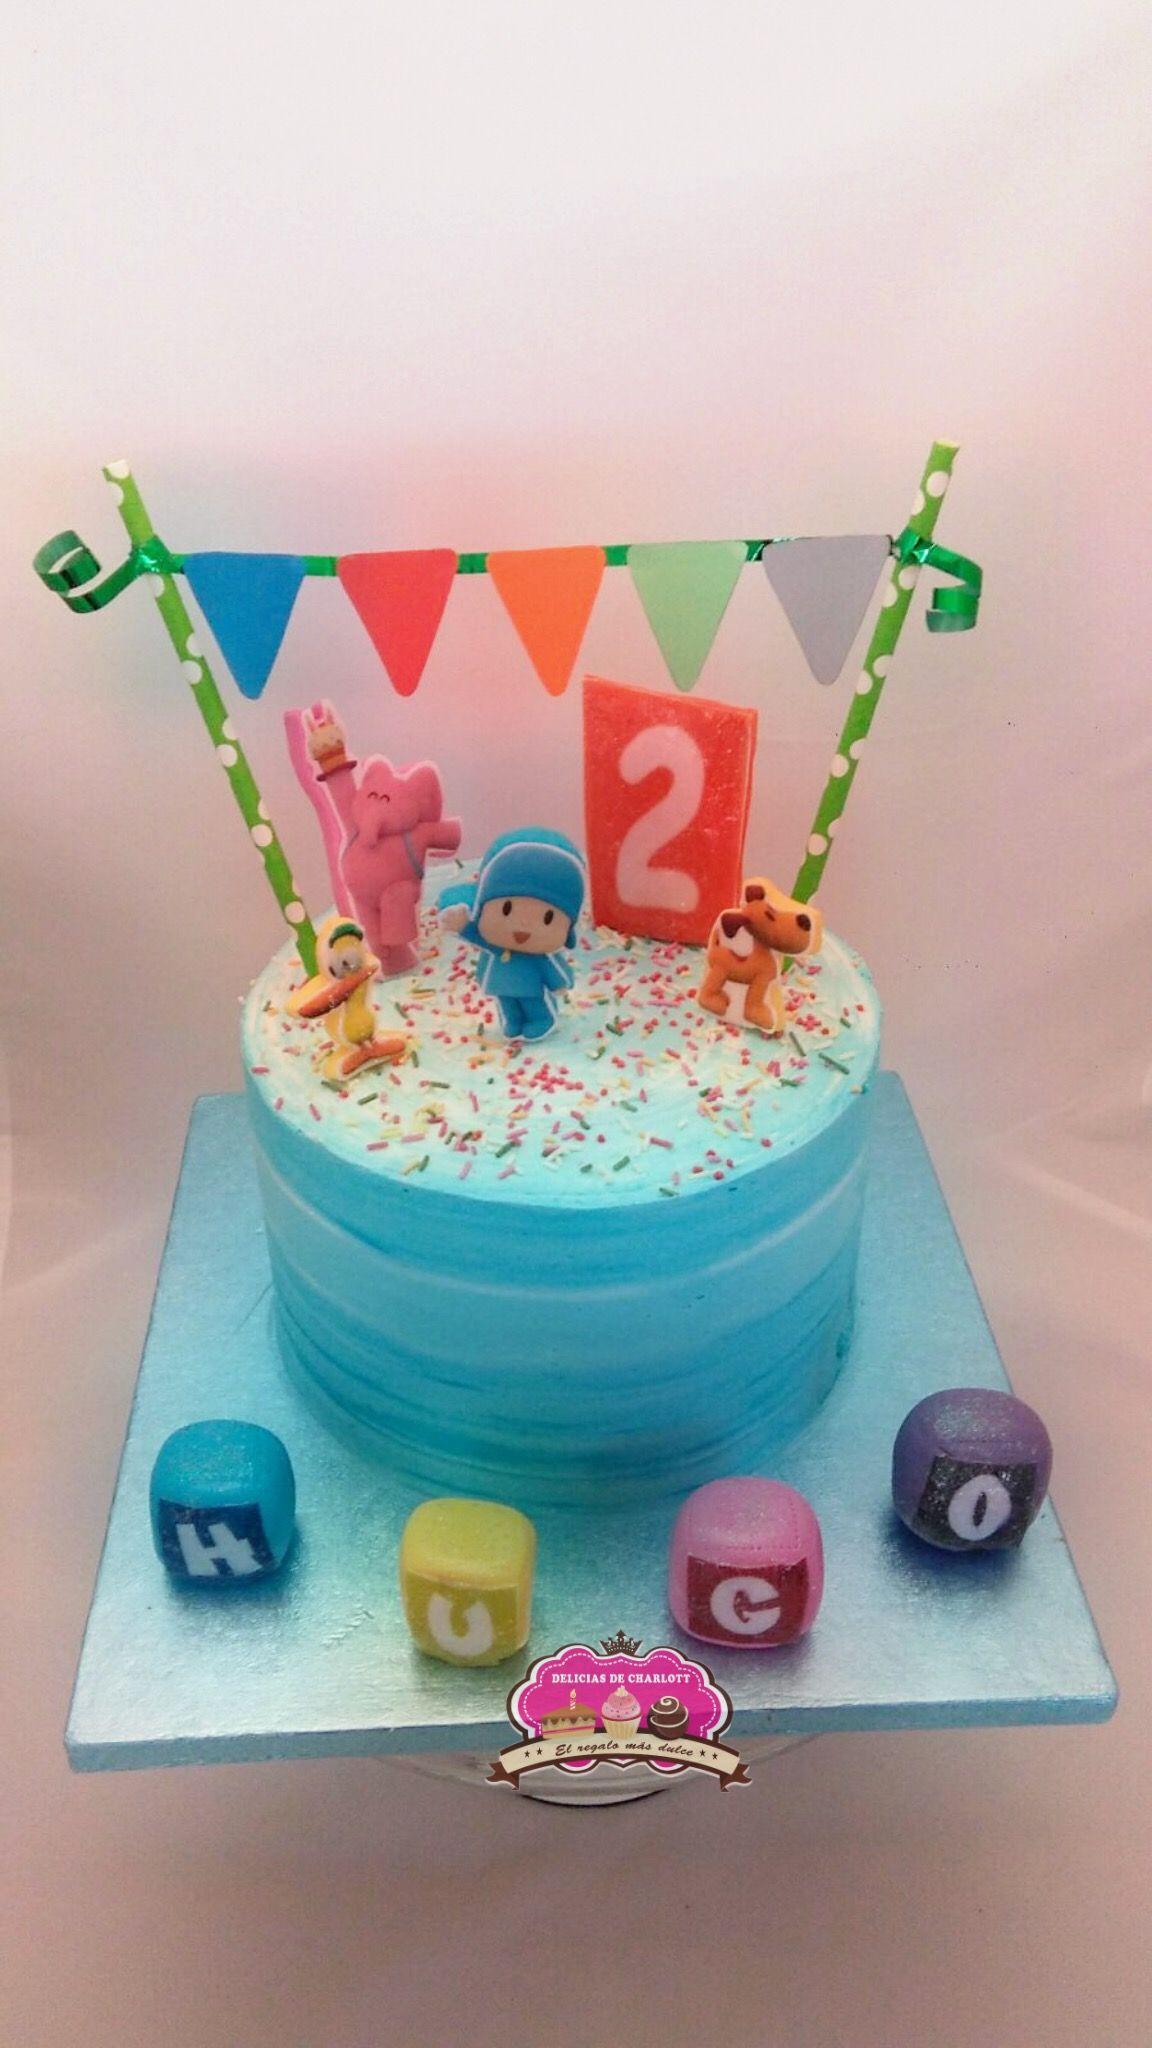 Pocoyo Cake tarta de pocoyo tarta infantil decoracin Pocoyo www